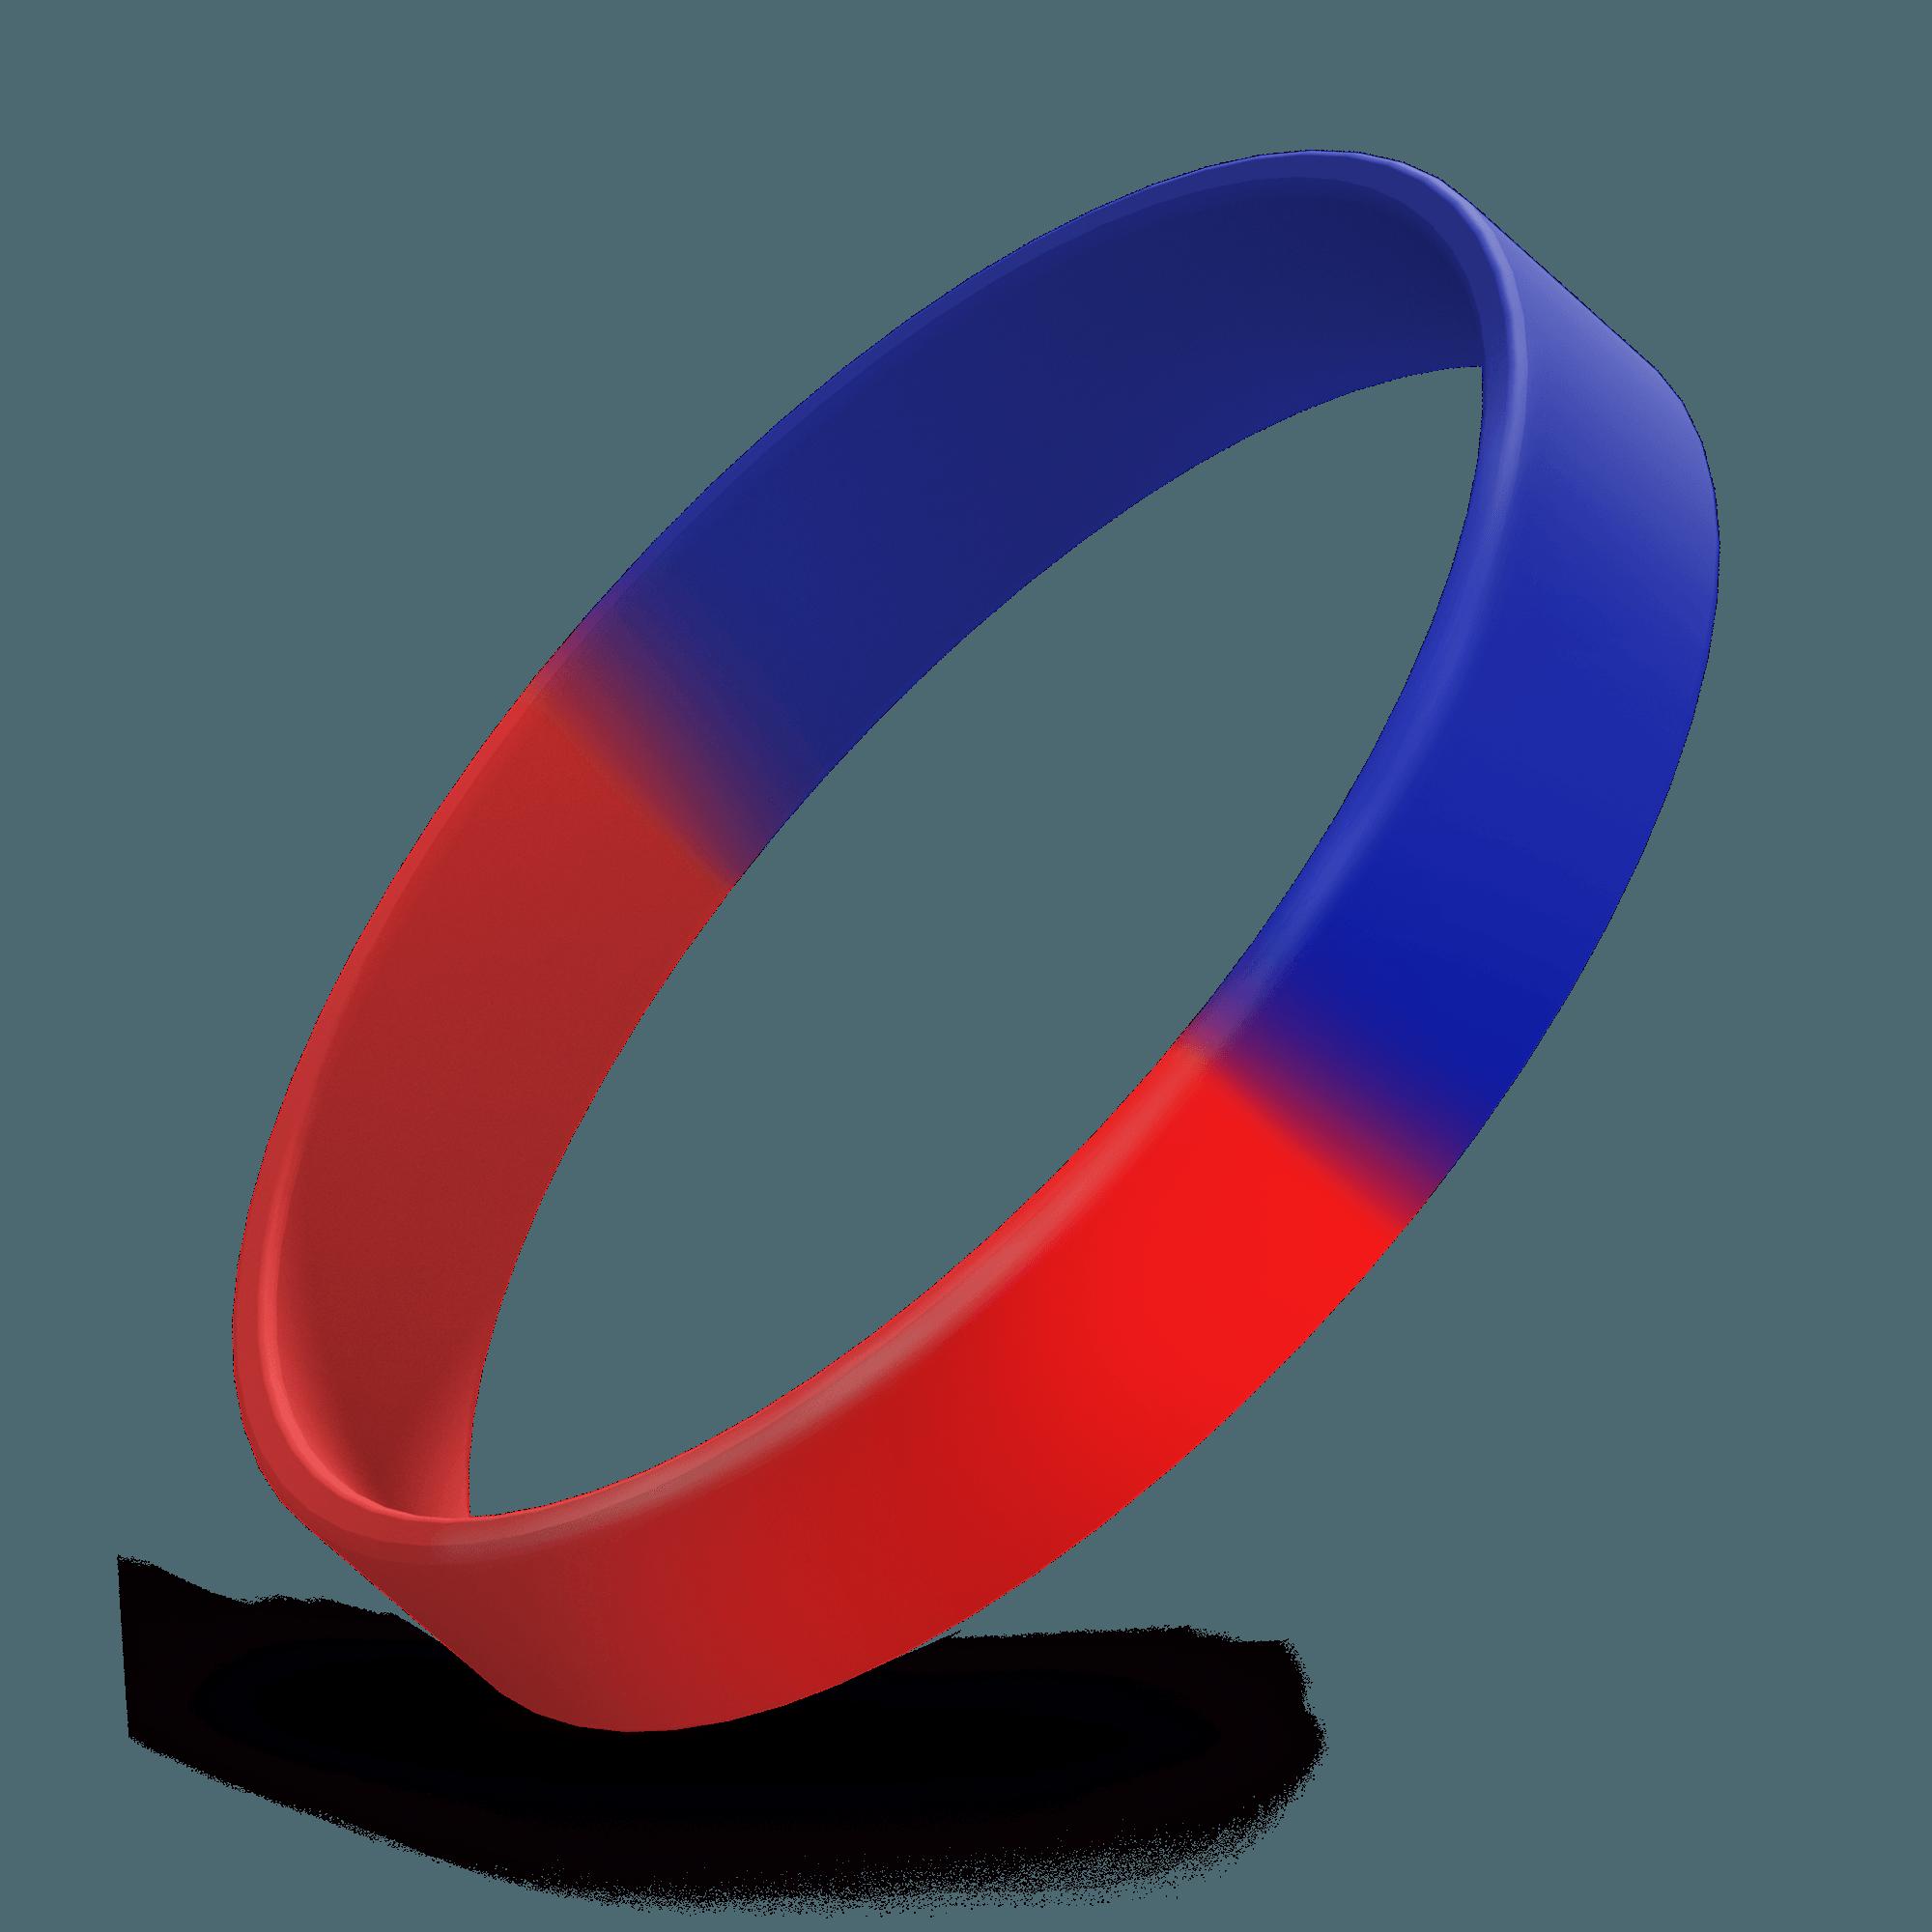 Debossed 1/2 inch (Red / Reflex Blue Segmented)